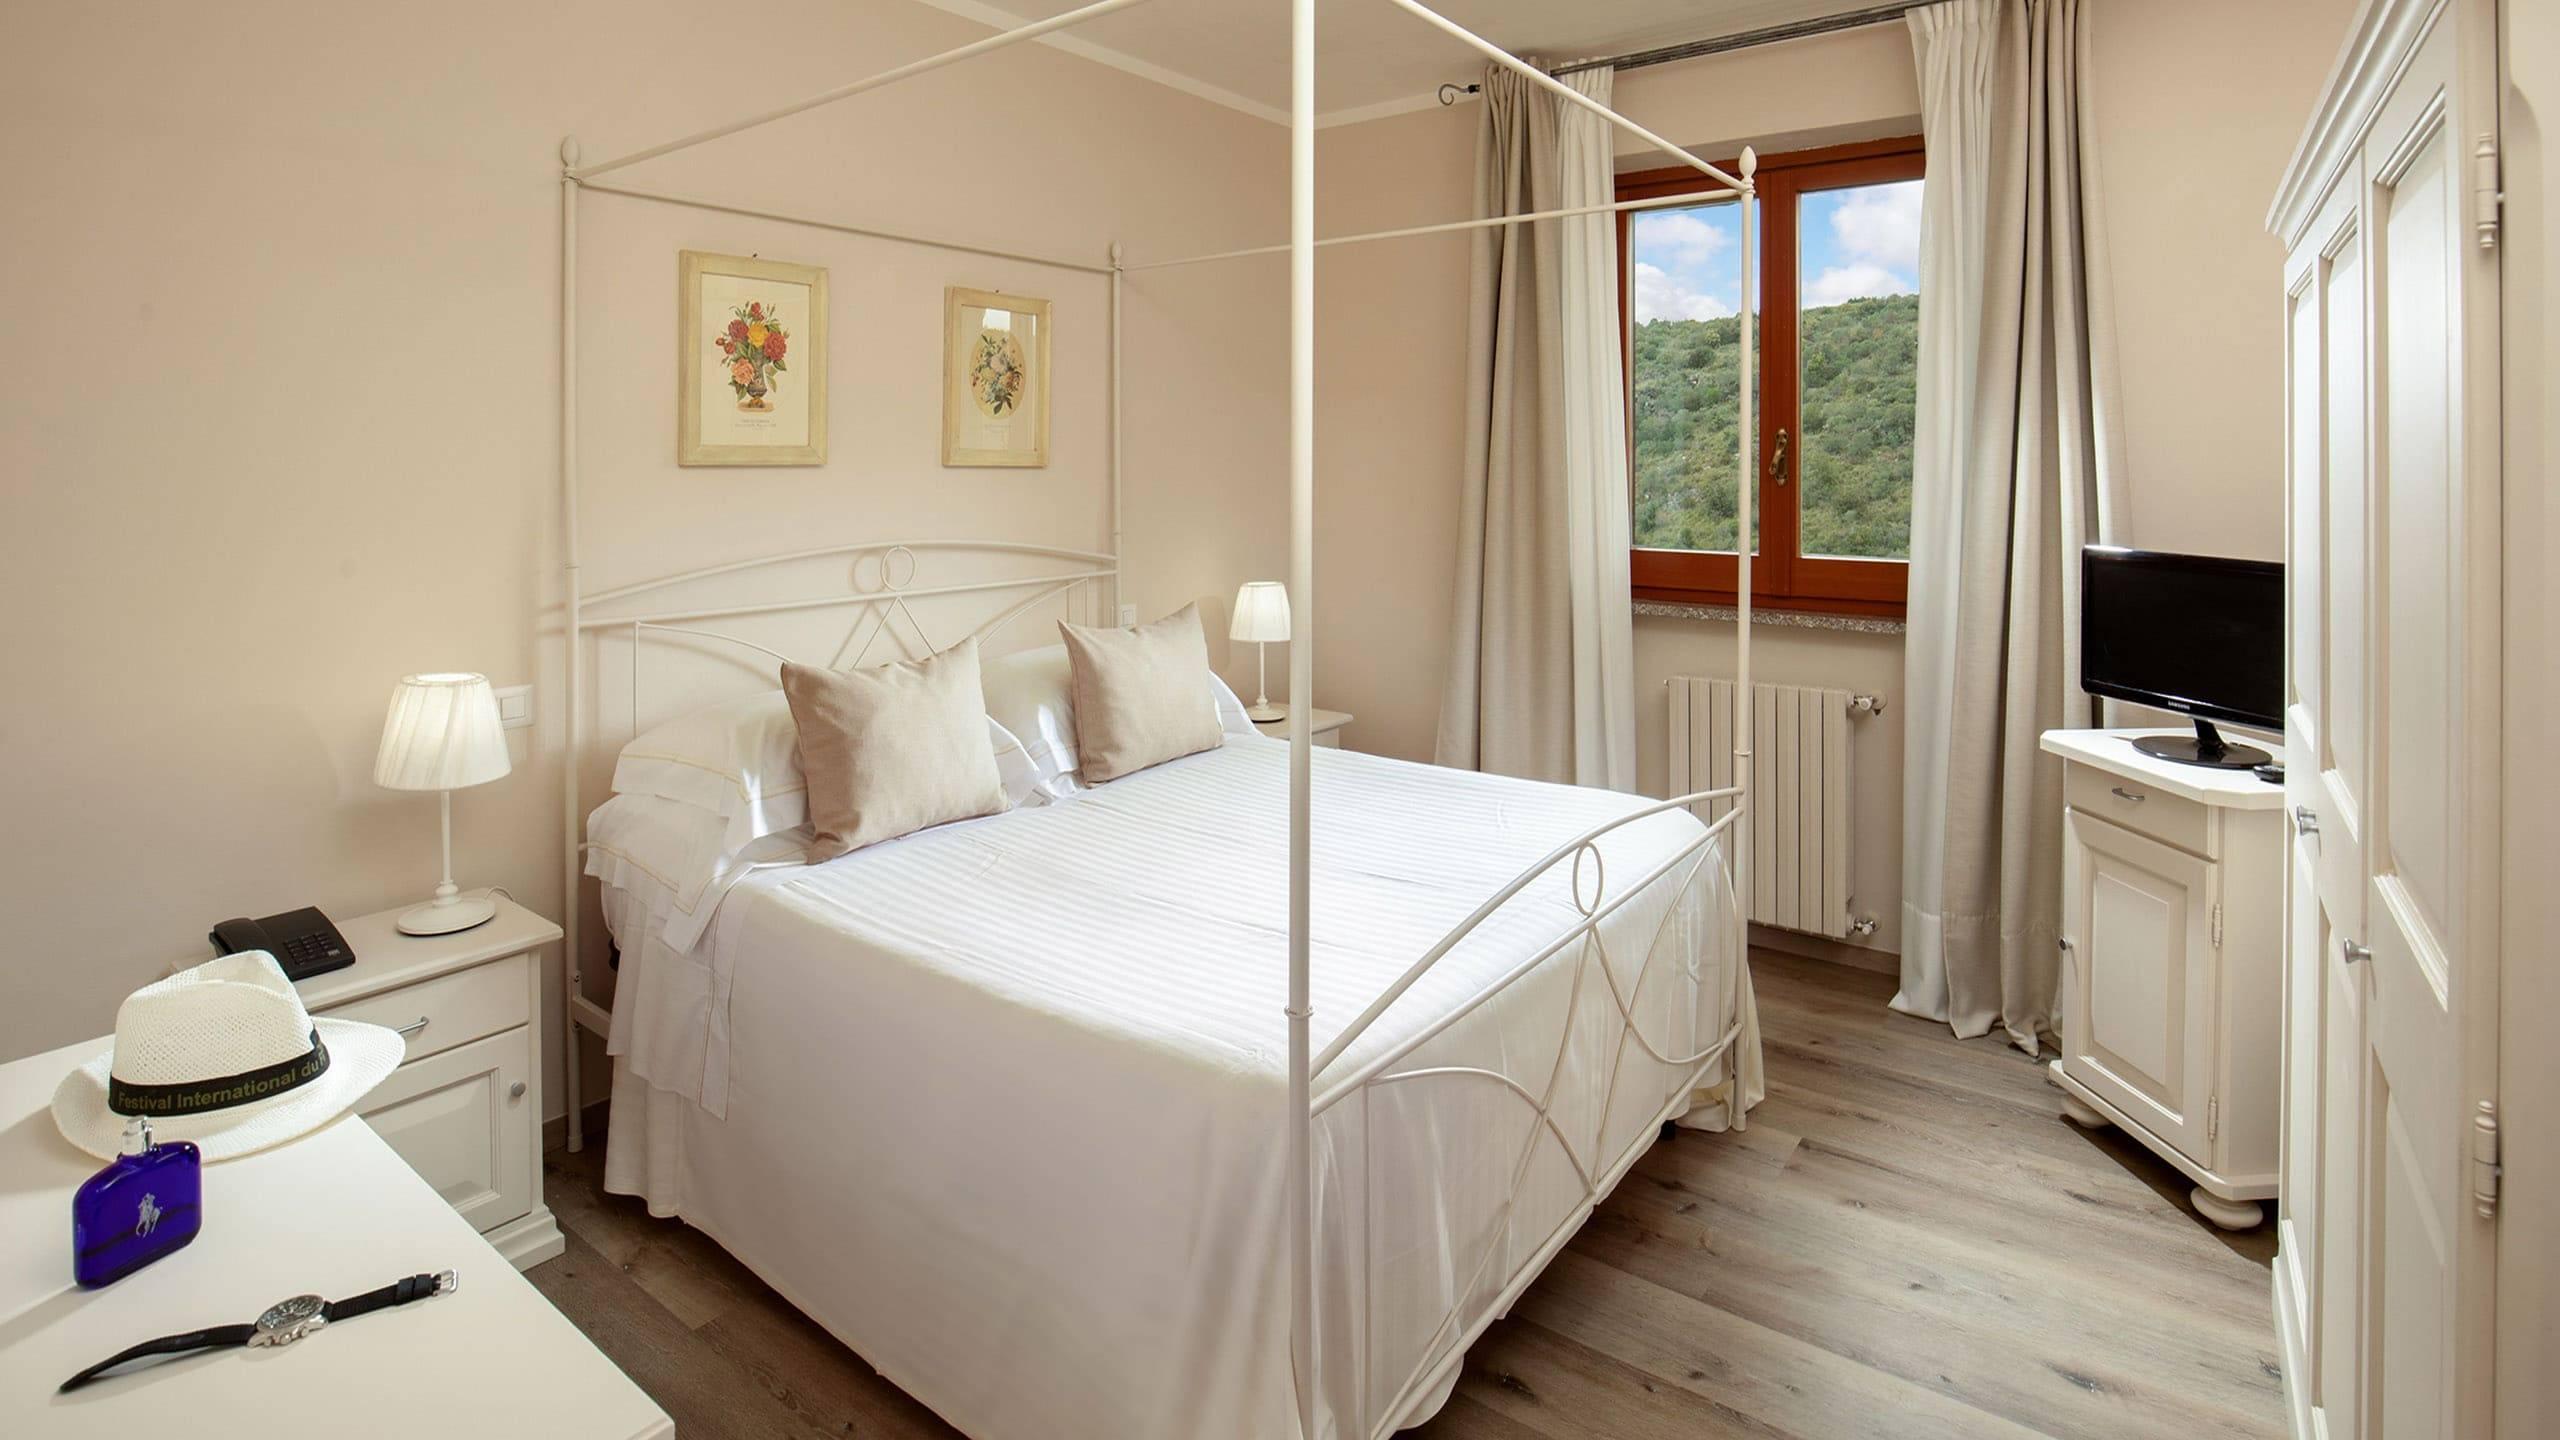 Hotel-Residence-Valle-del-Buttero-Capalbio-Camere-2021-Superior-Collina-letto-3